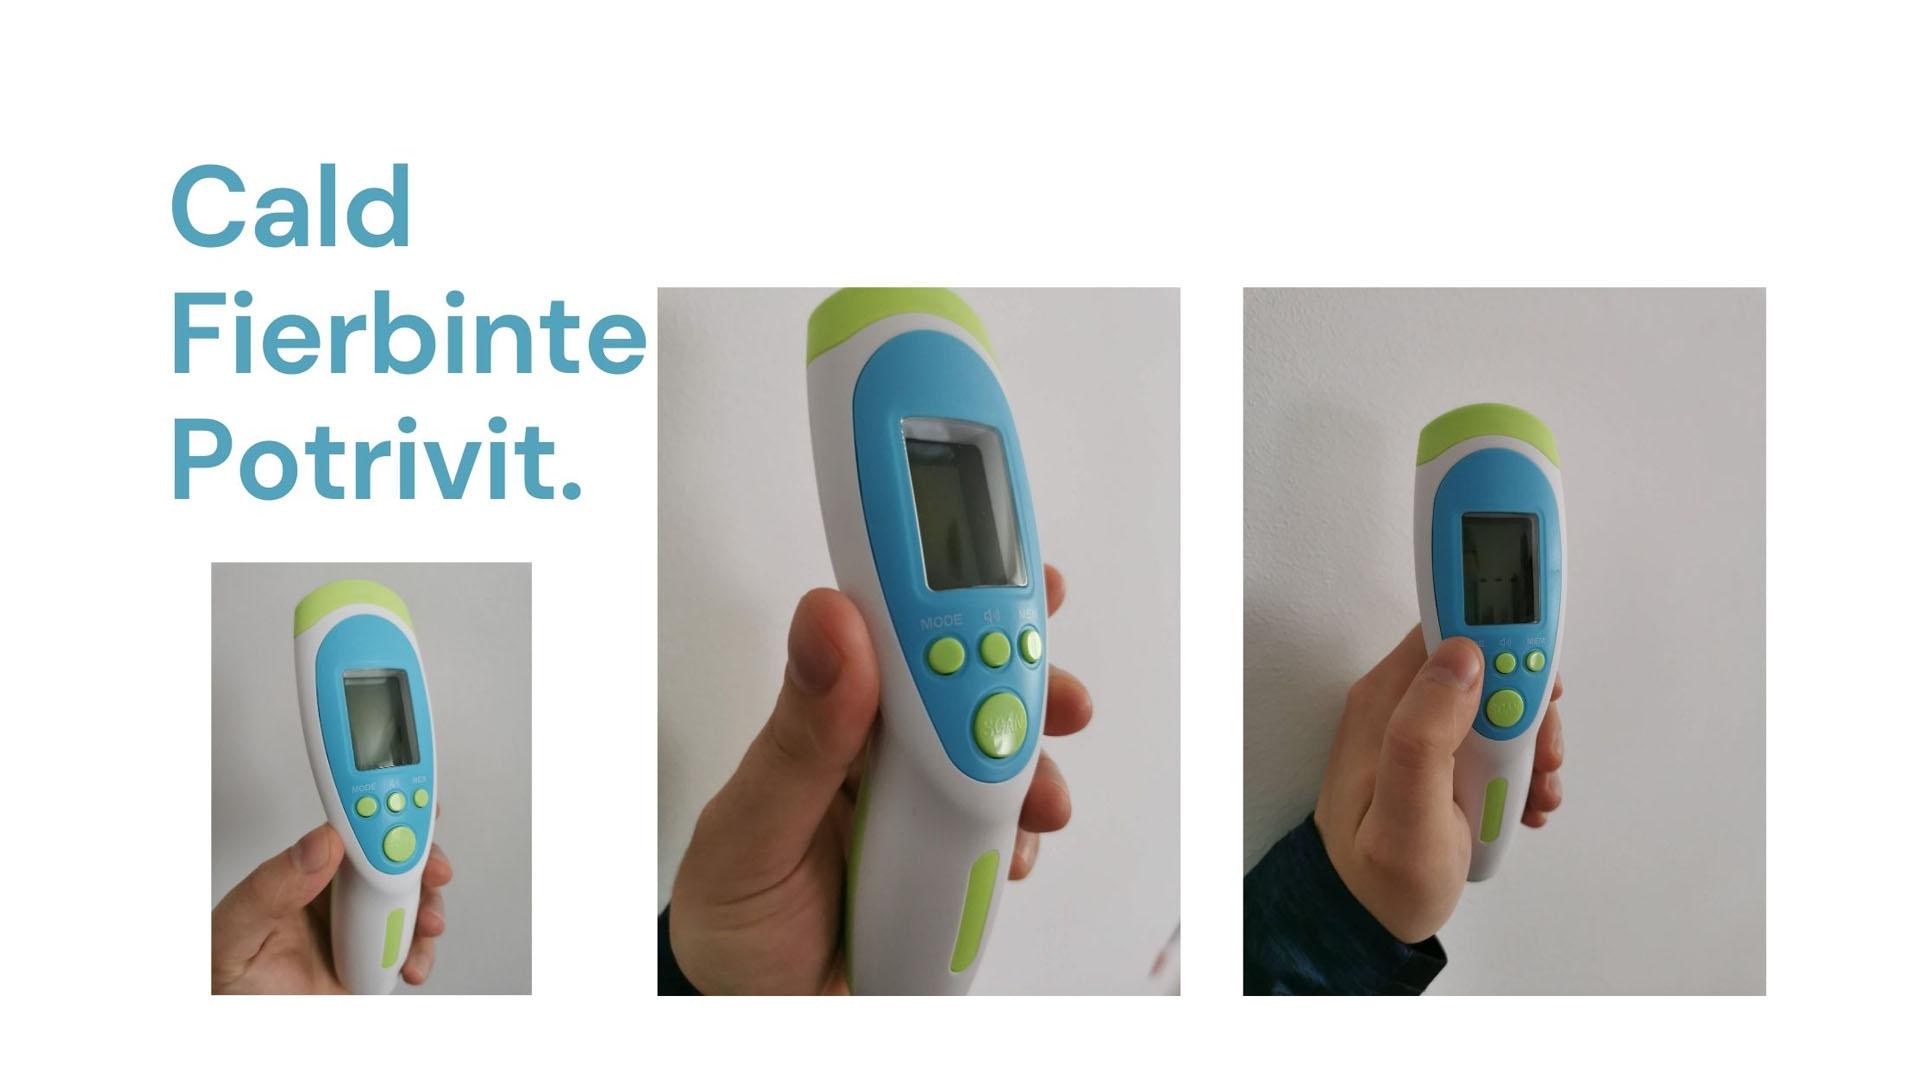 recenzie utila despre termometrul easycare